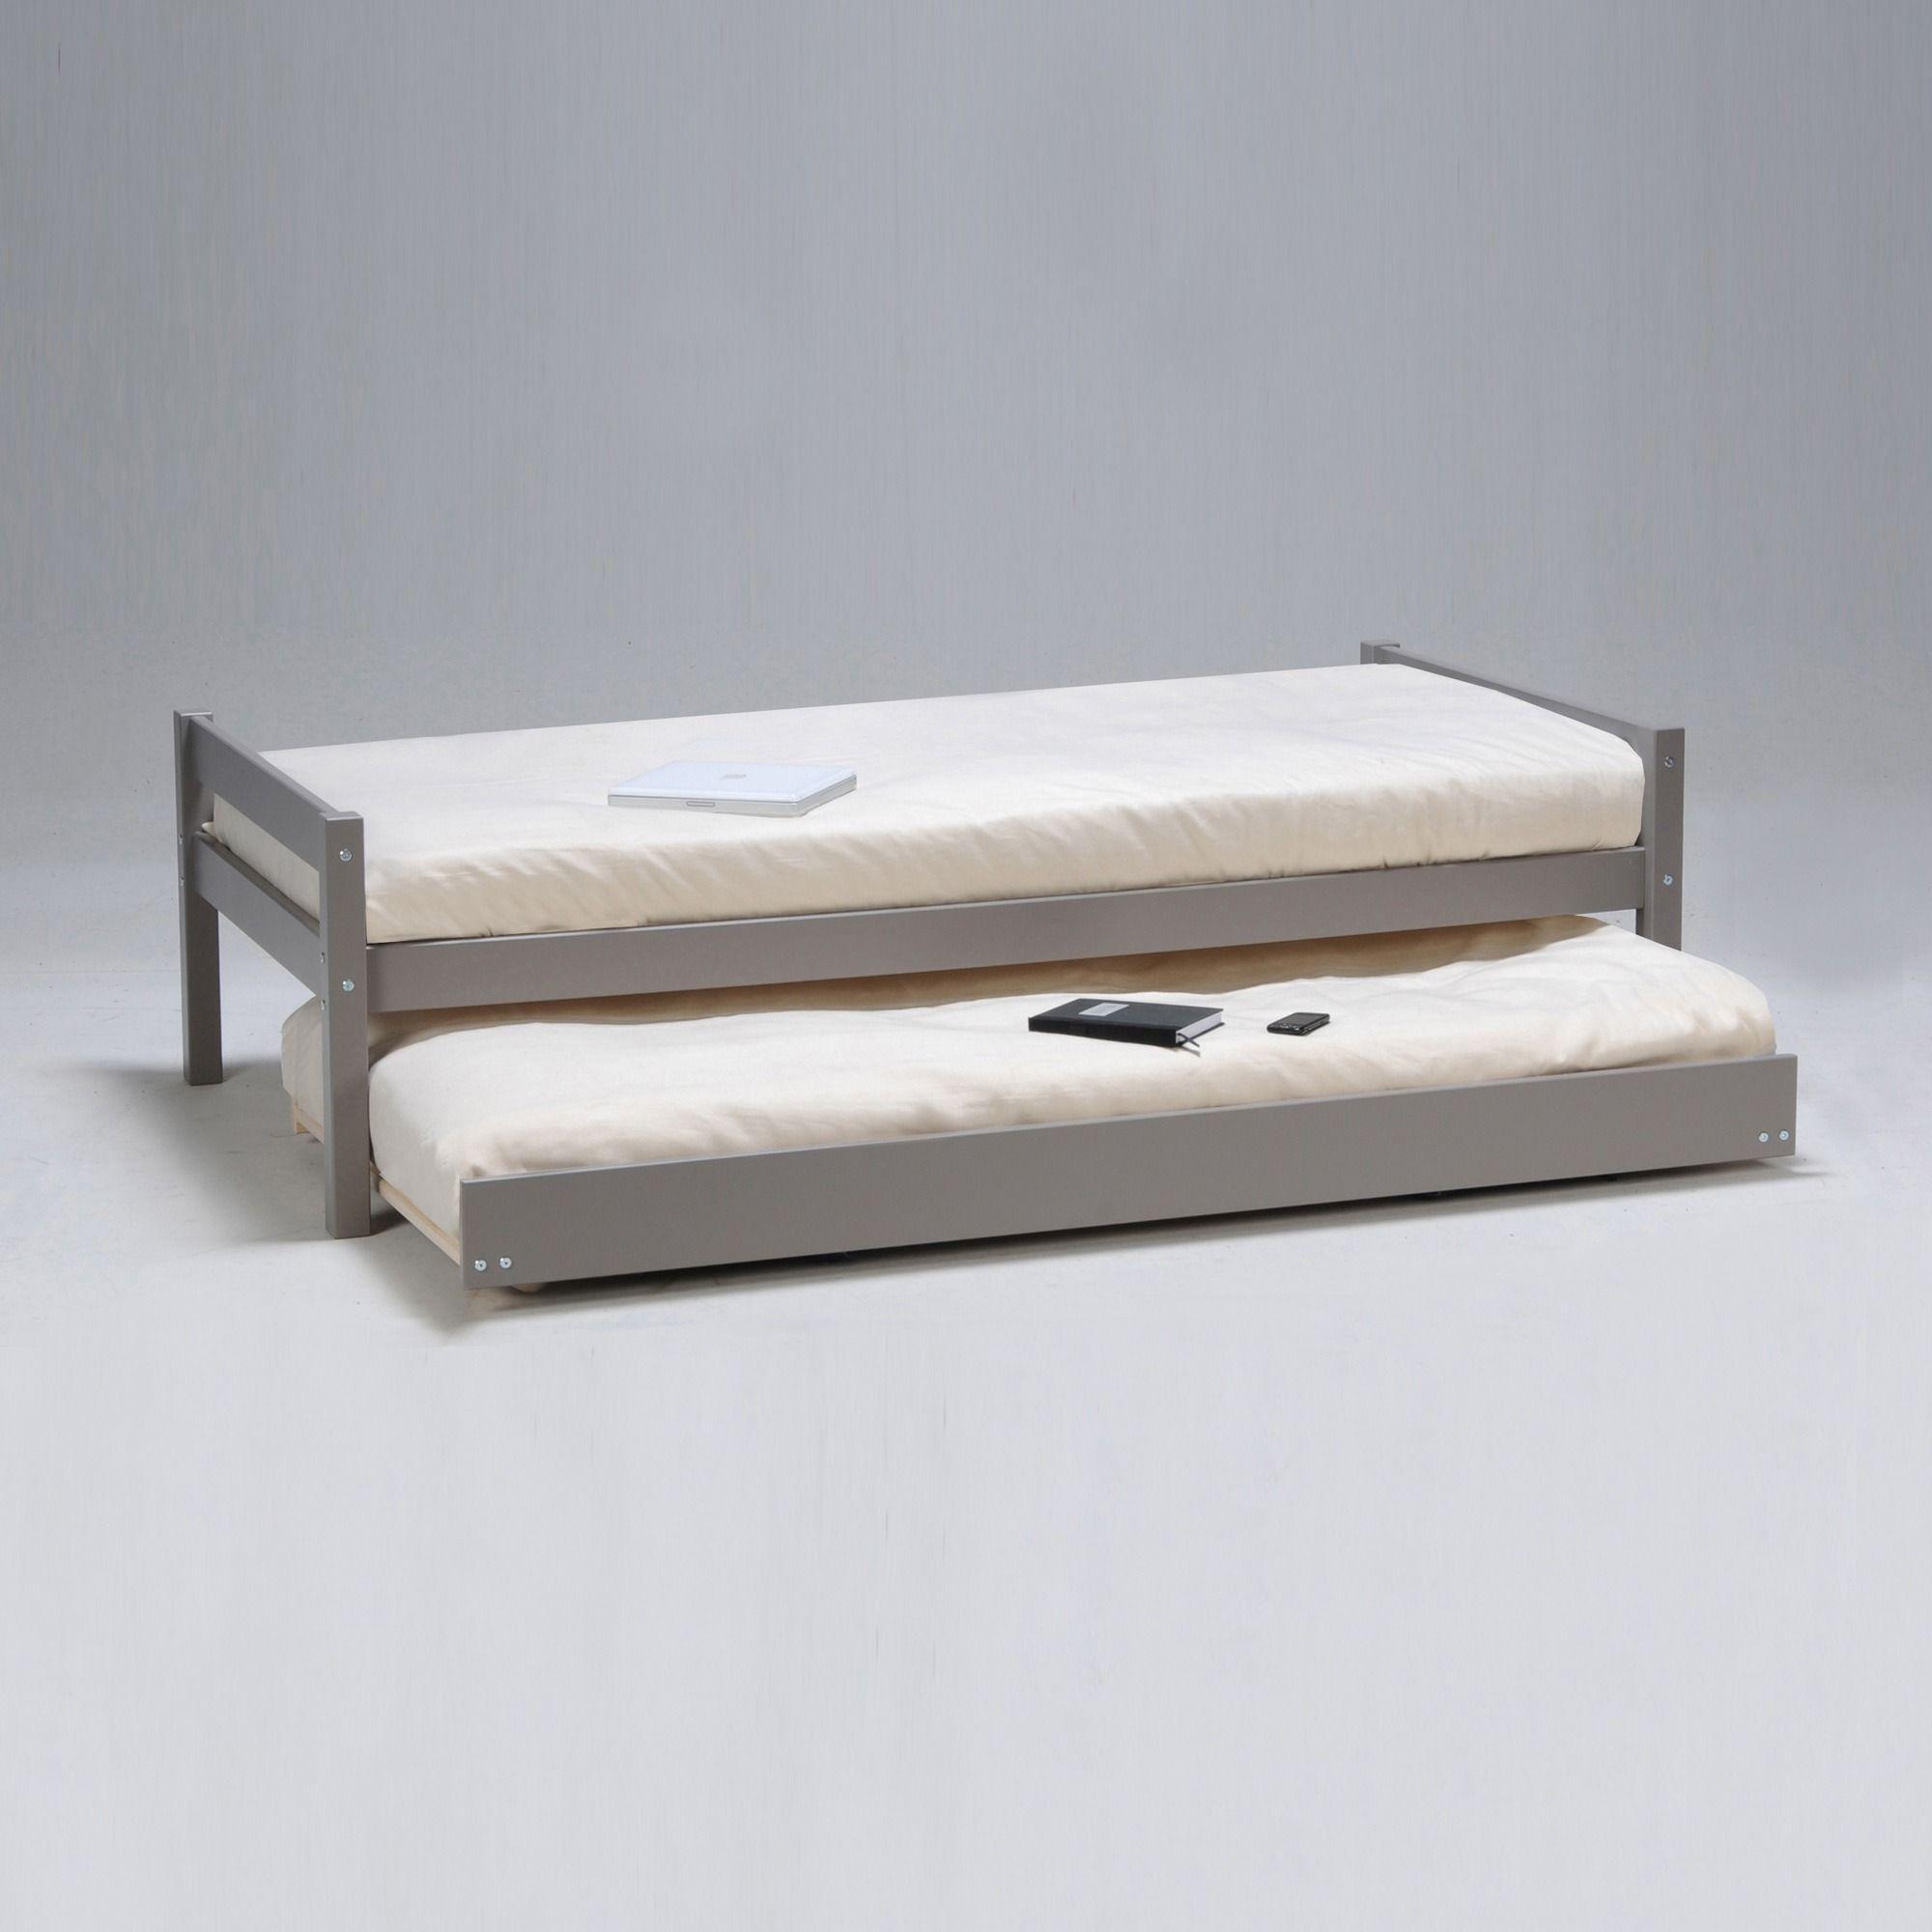 Lit Gigogne Justin 3suisses Furniture Mattress Bed